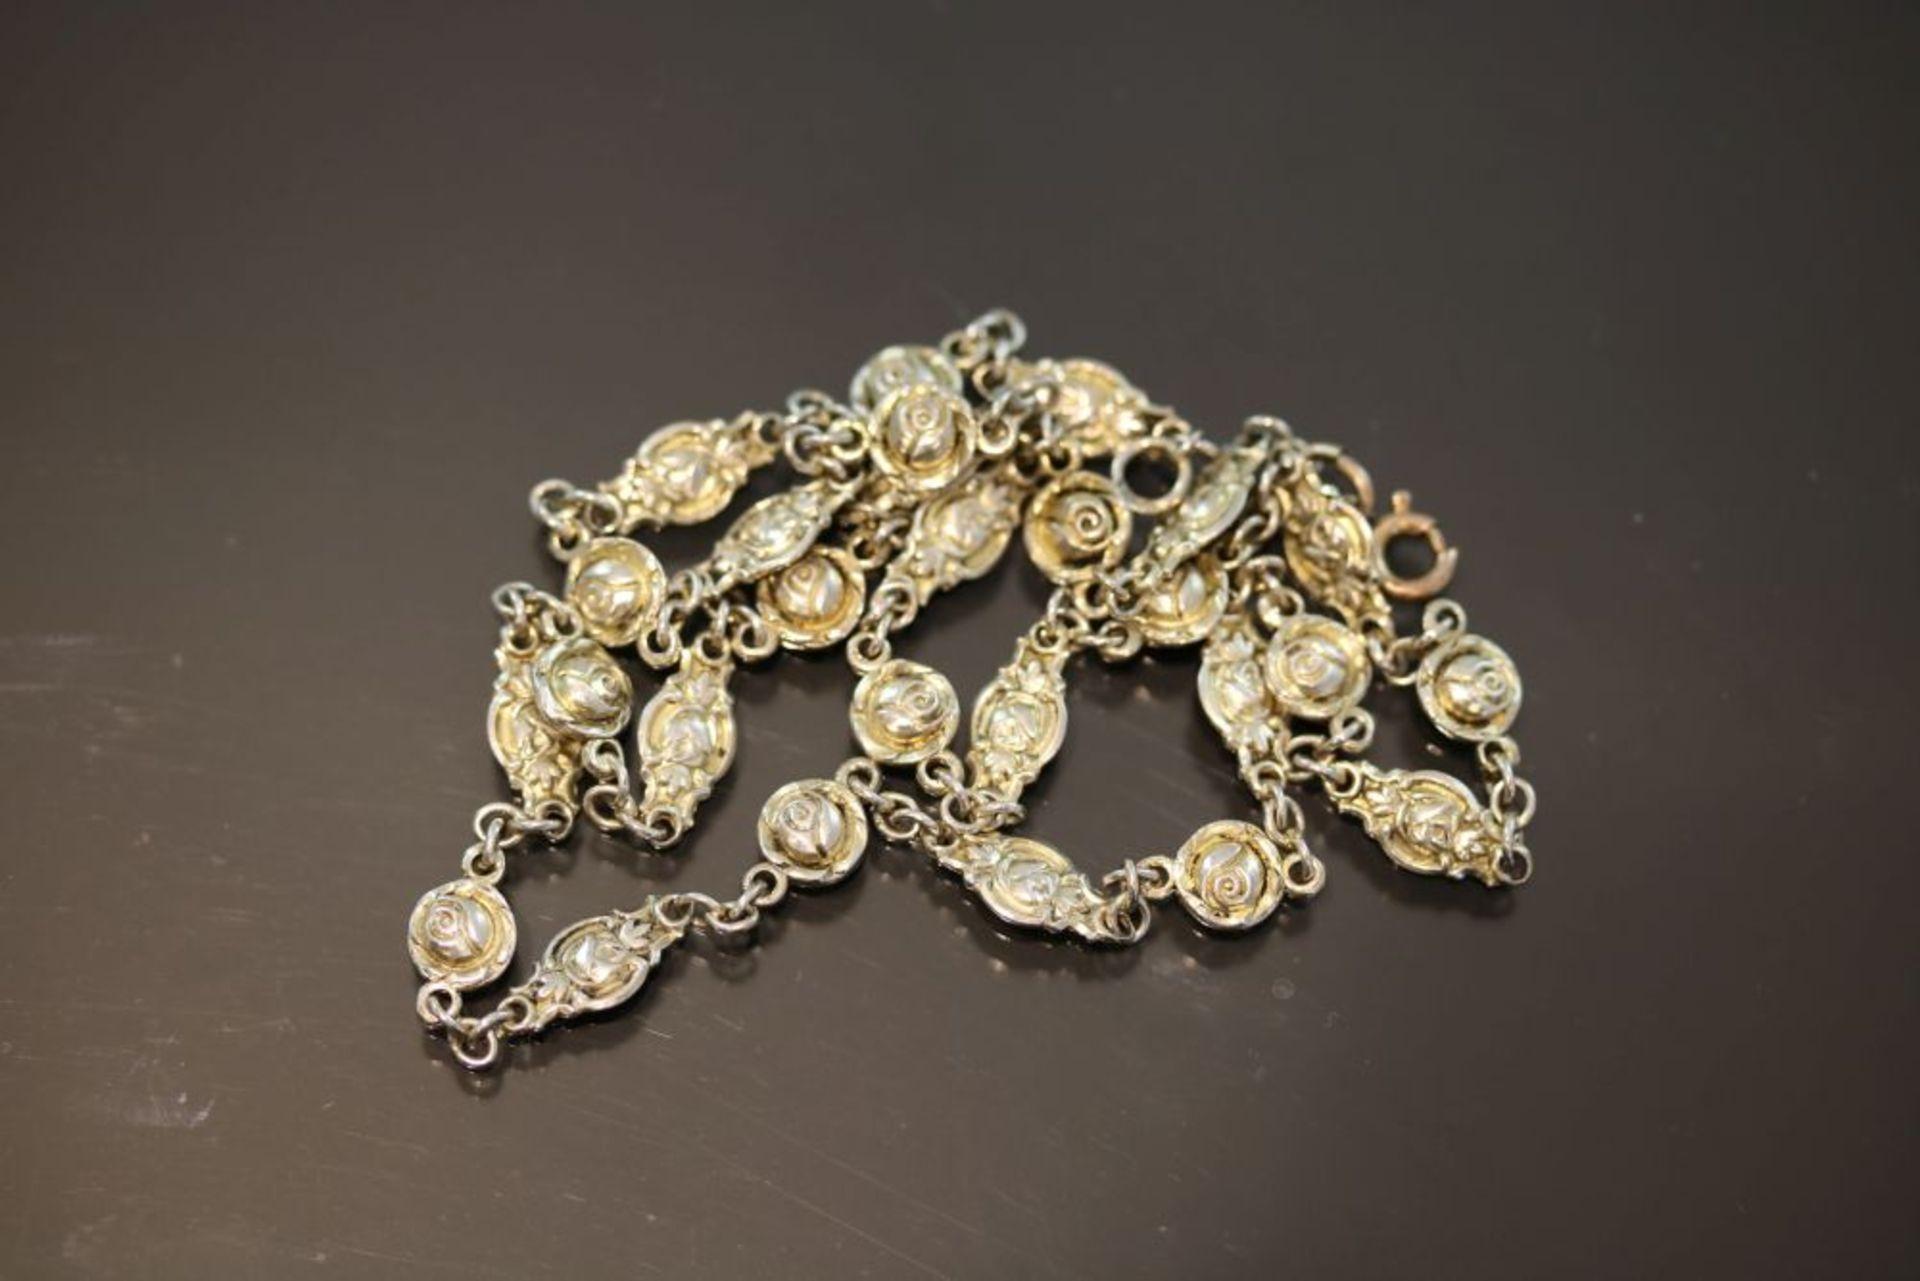 Silberkette Rosenmotiv, Silber vergoldet